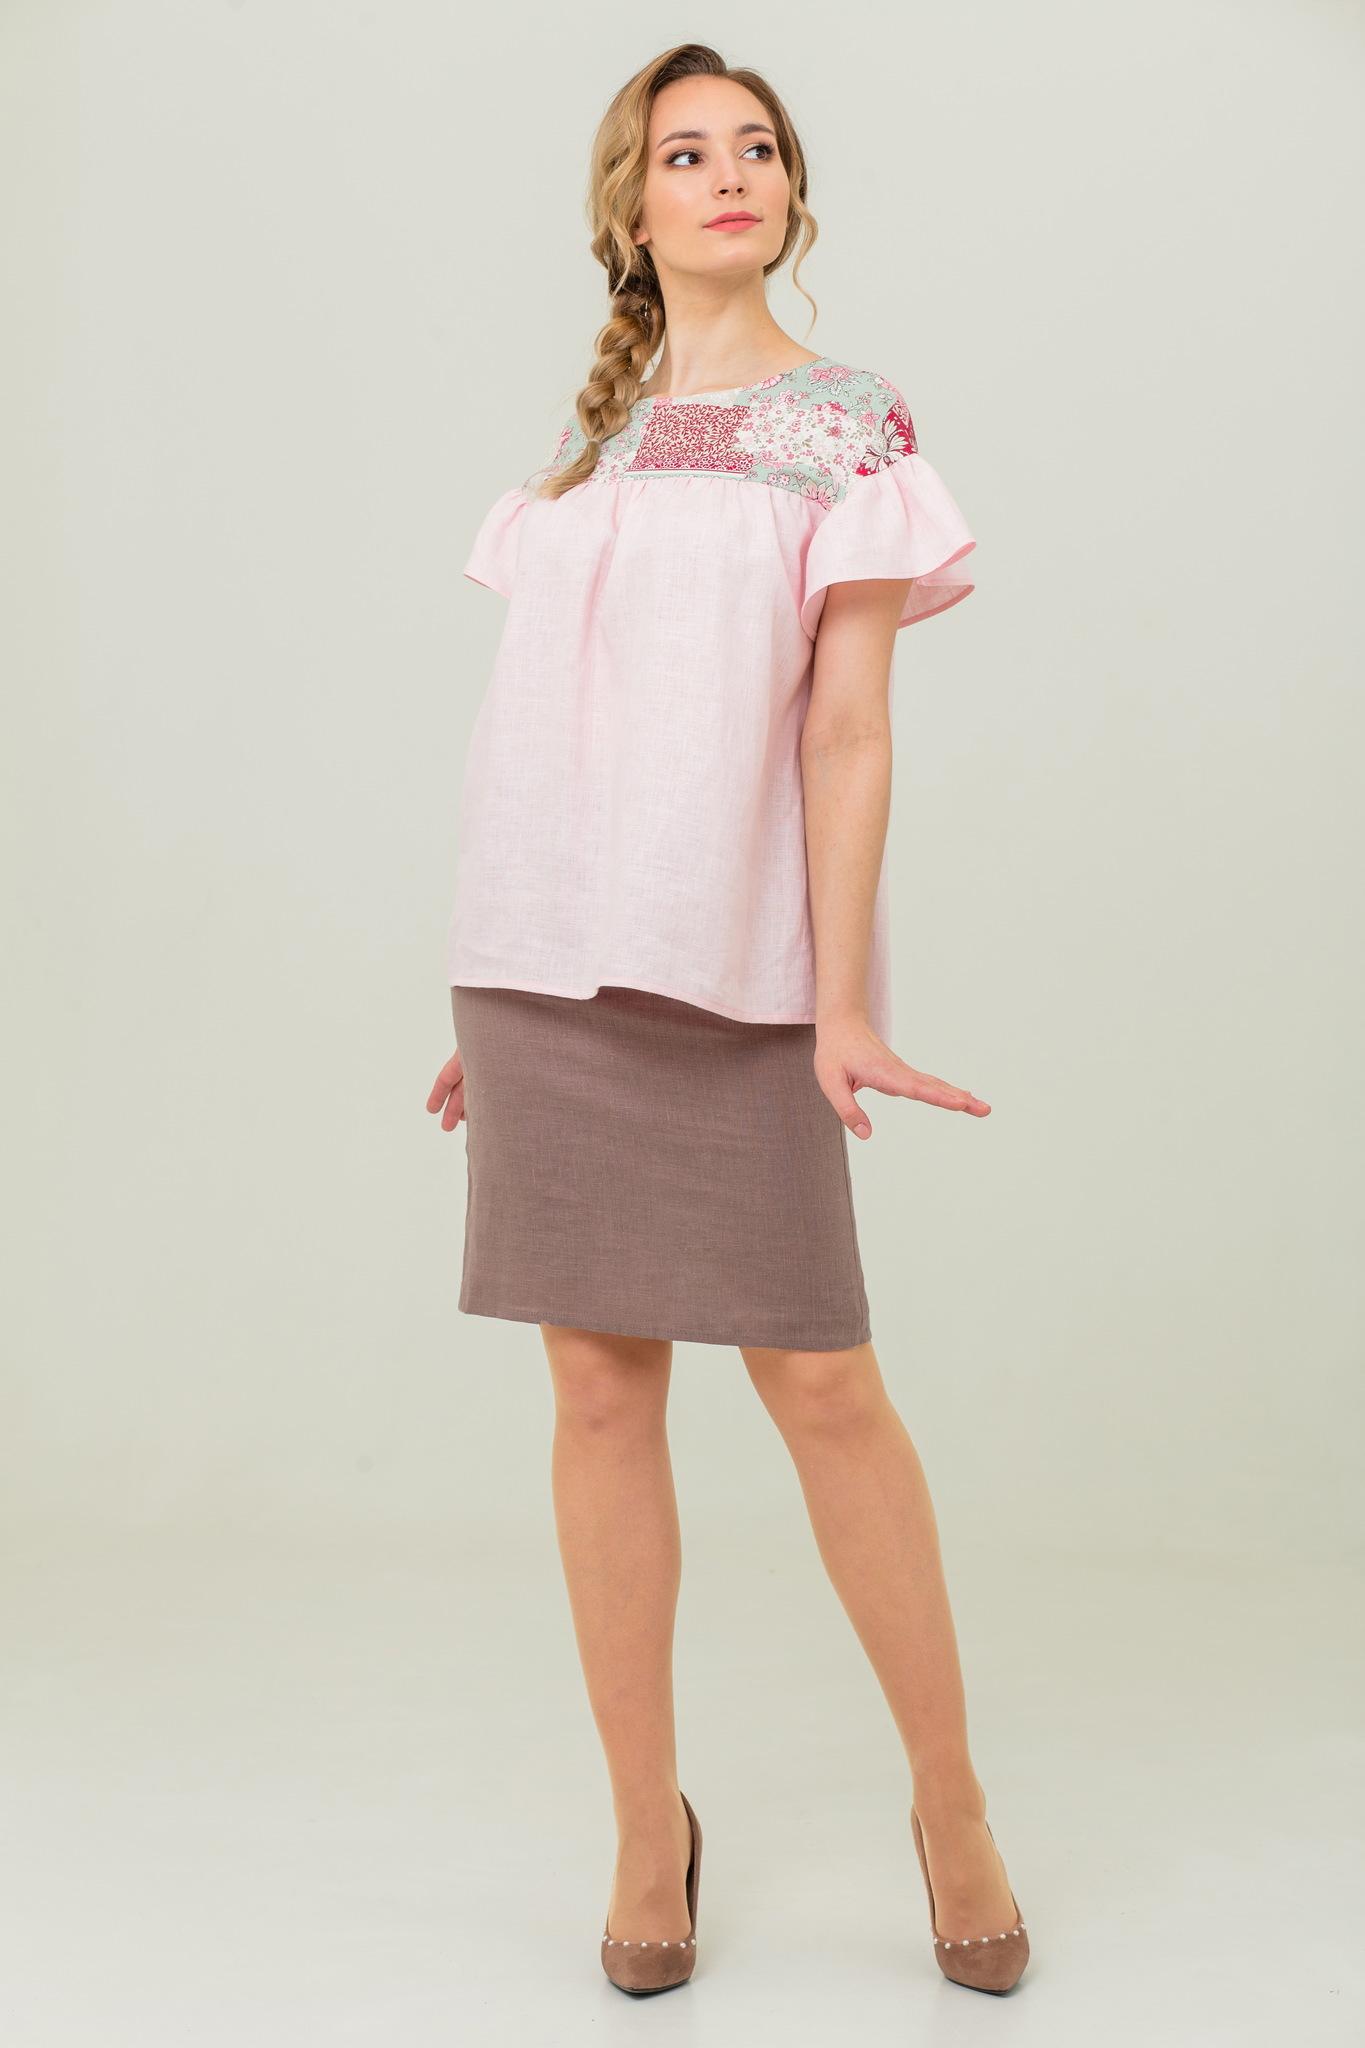 Блуза с рюшами Сладкая ваниль